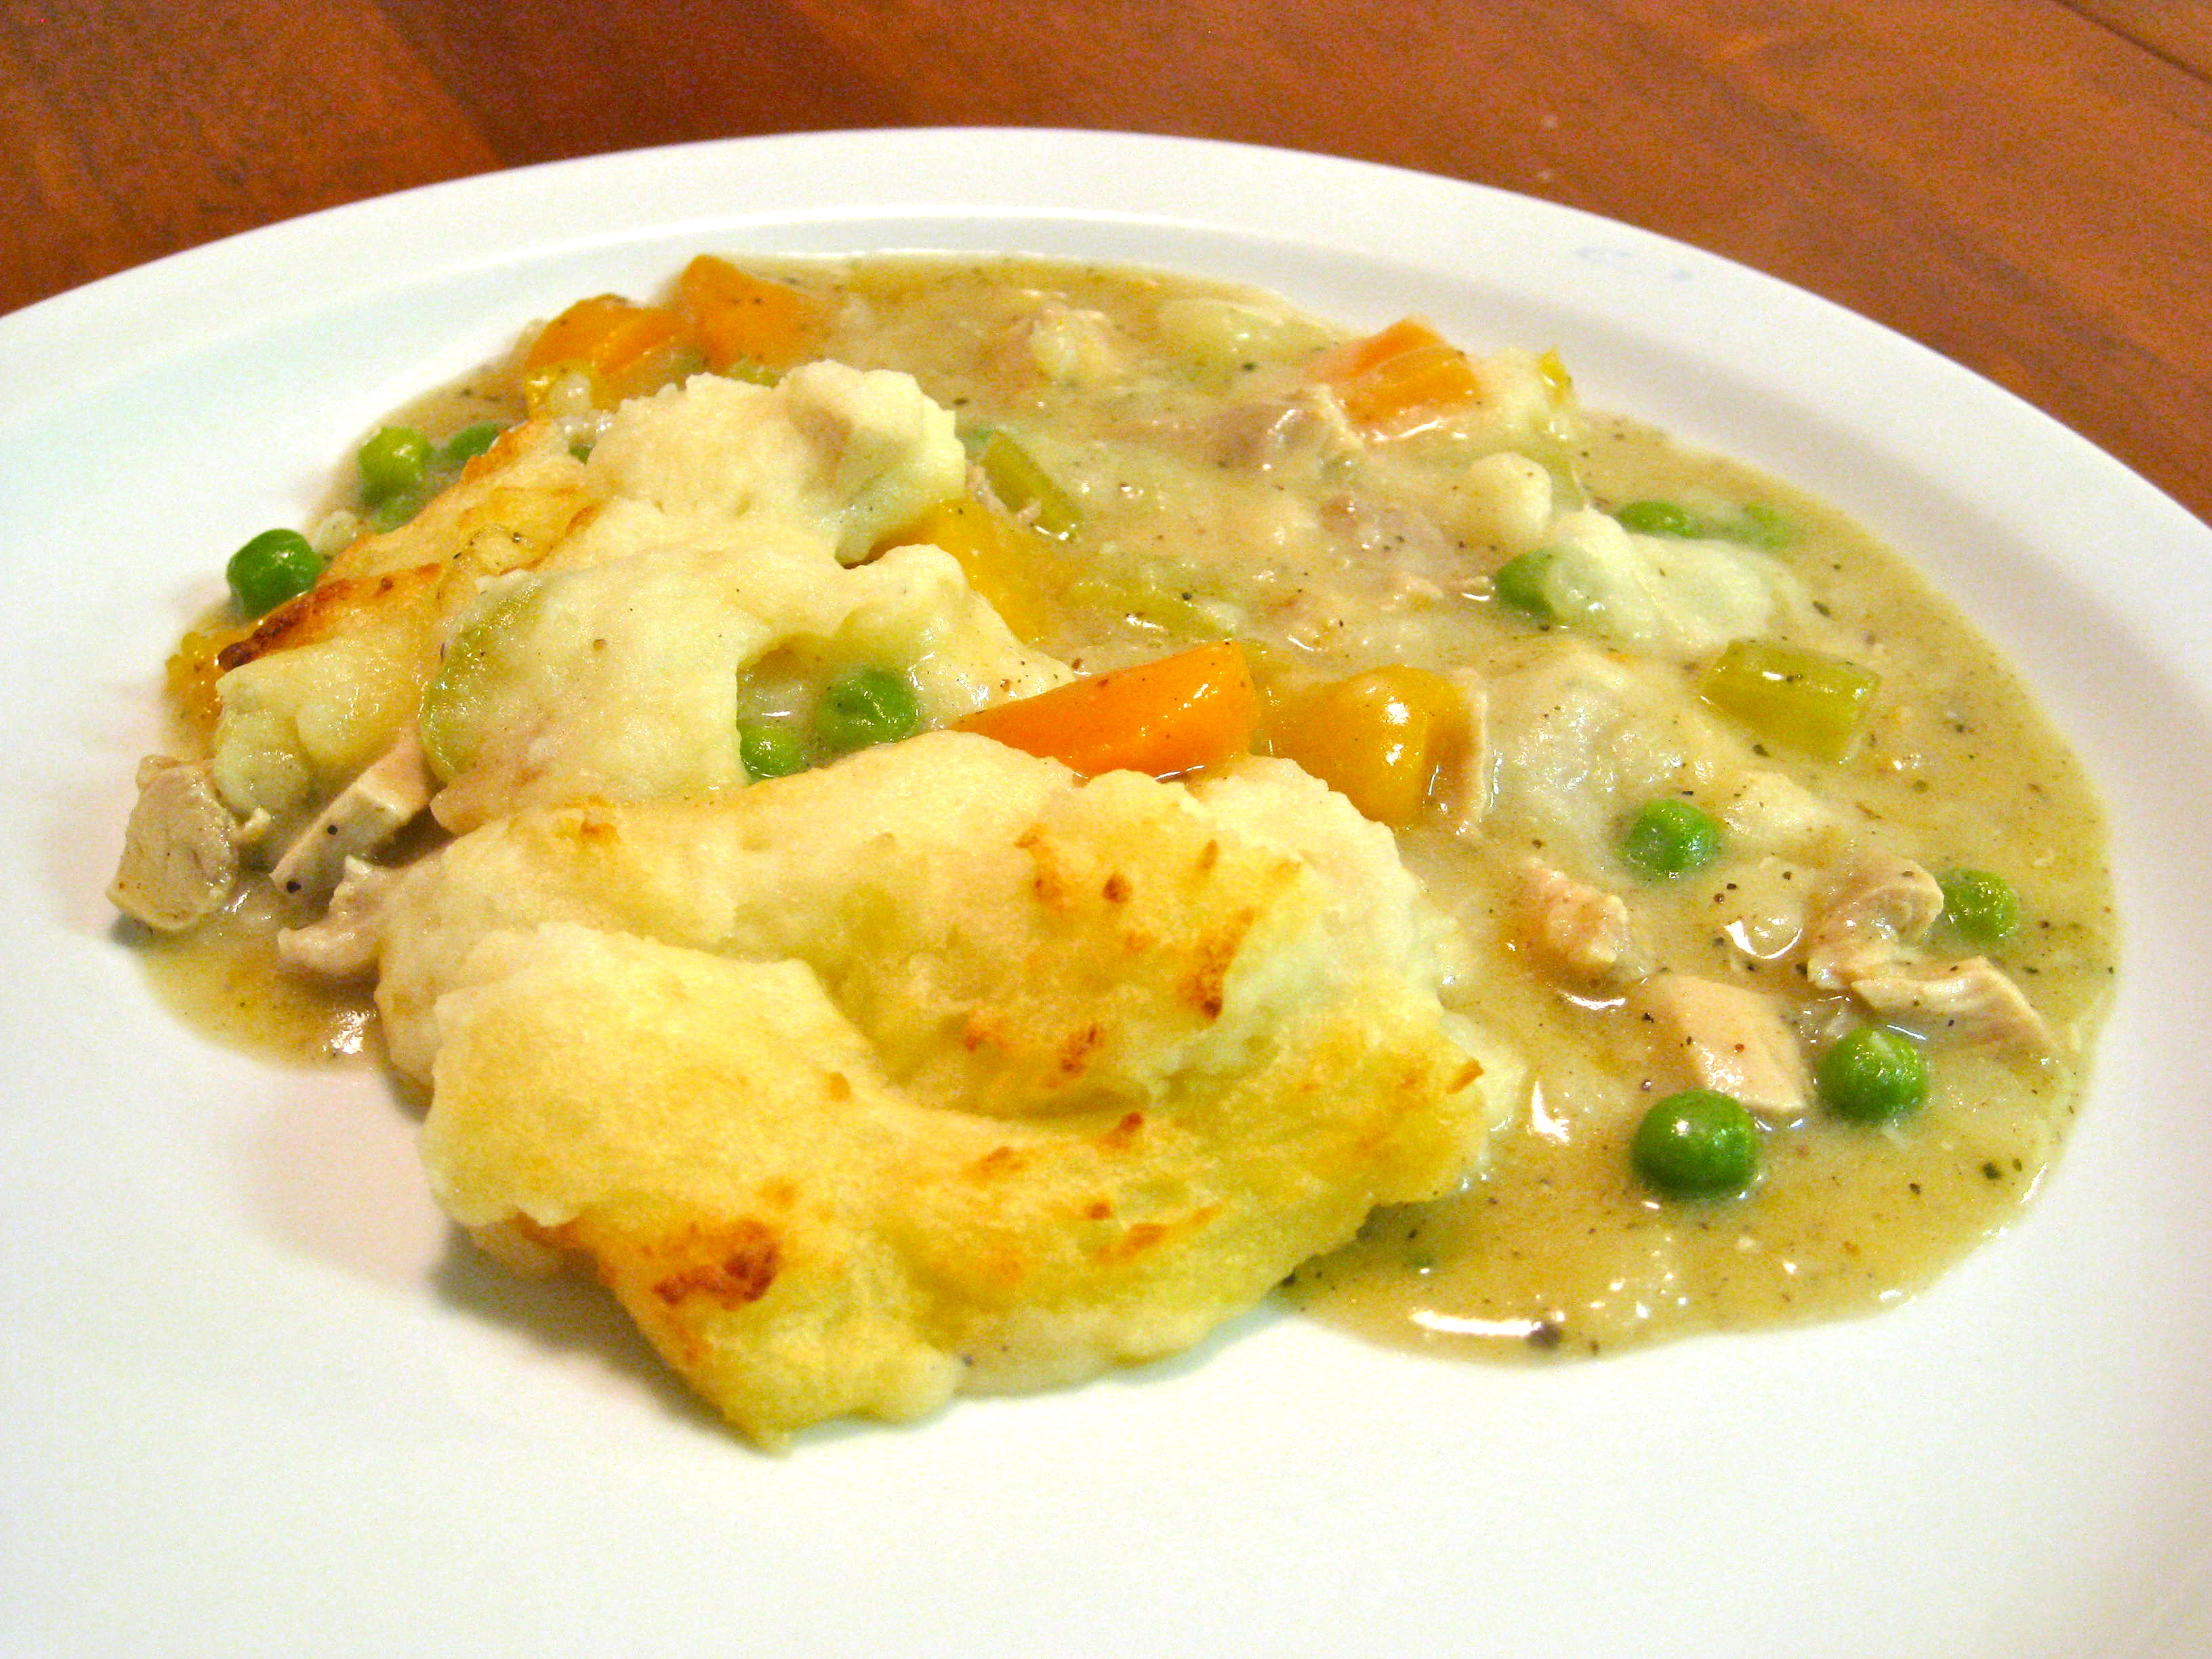 Cozy Chicken & Vegetable Casserole | My Baker's Dozen